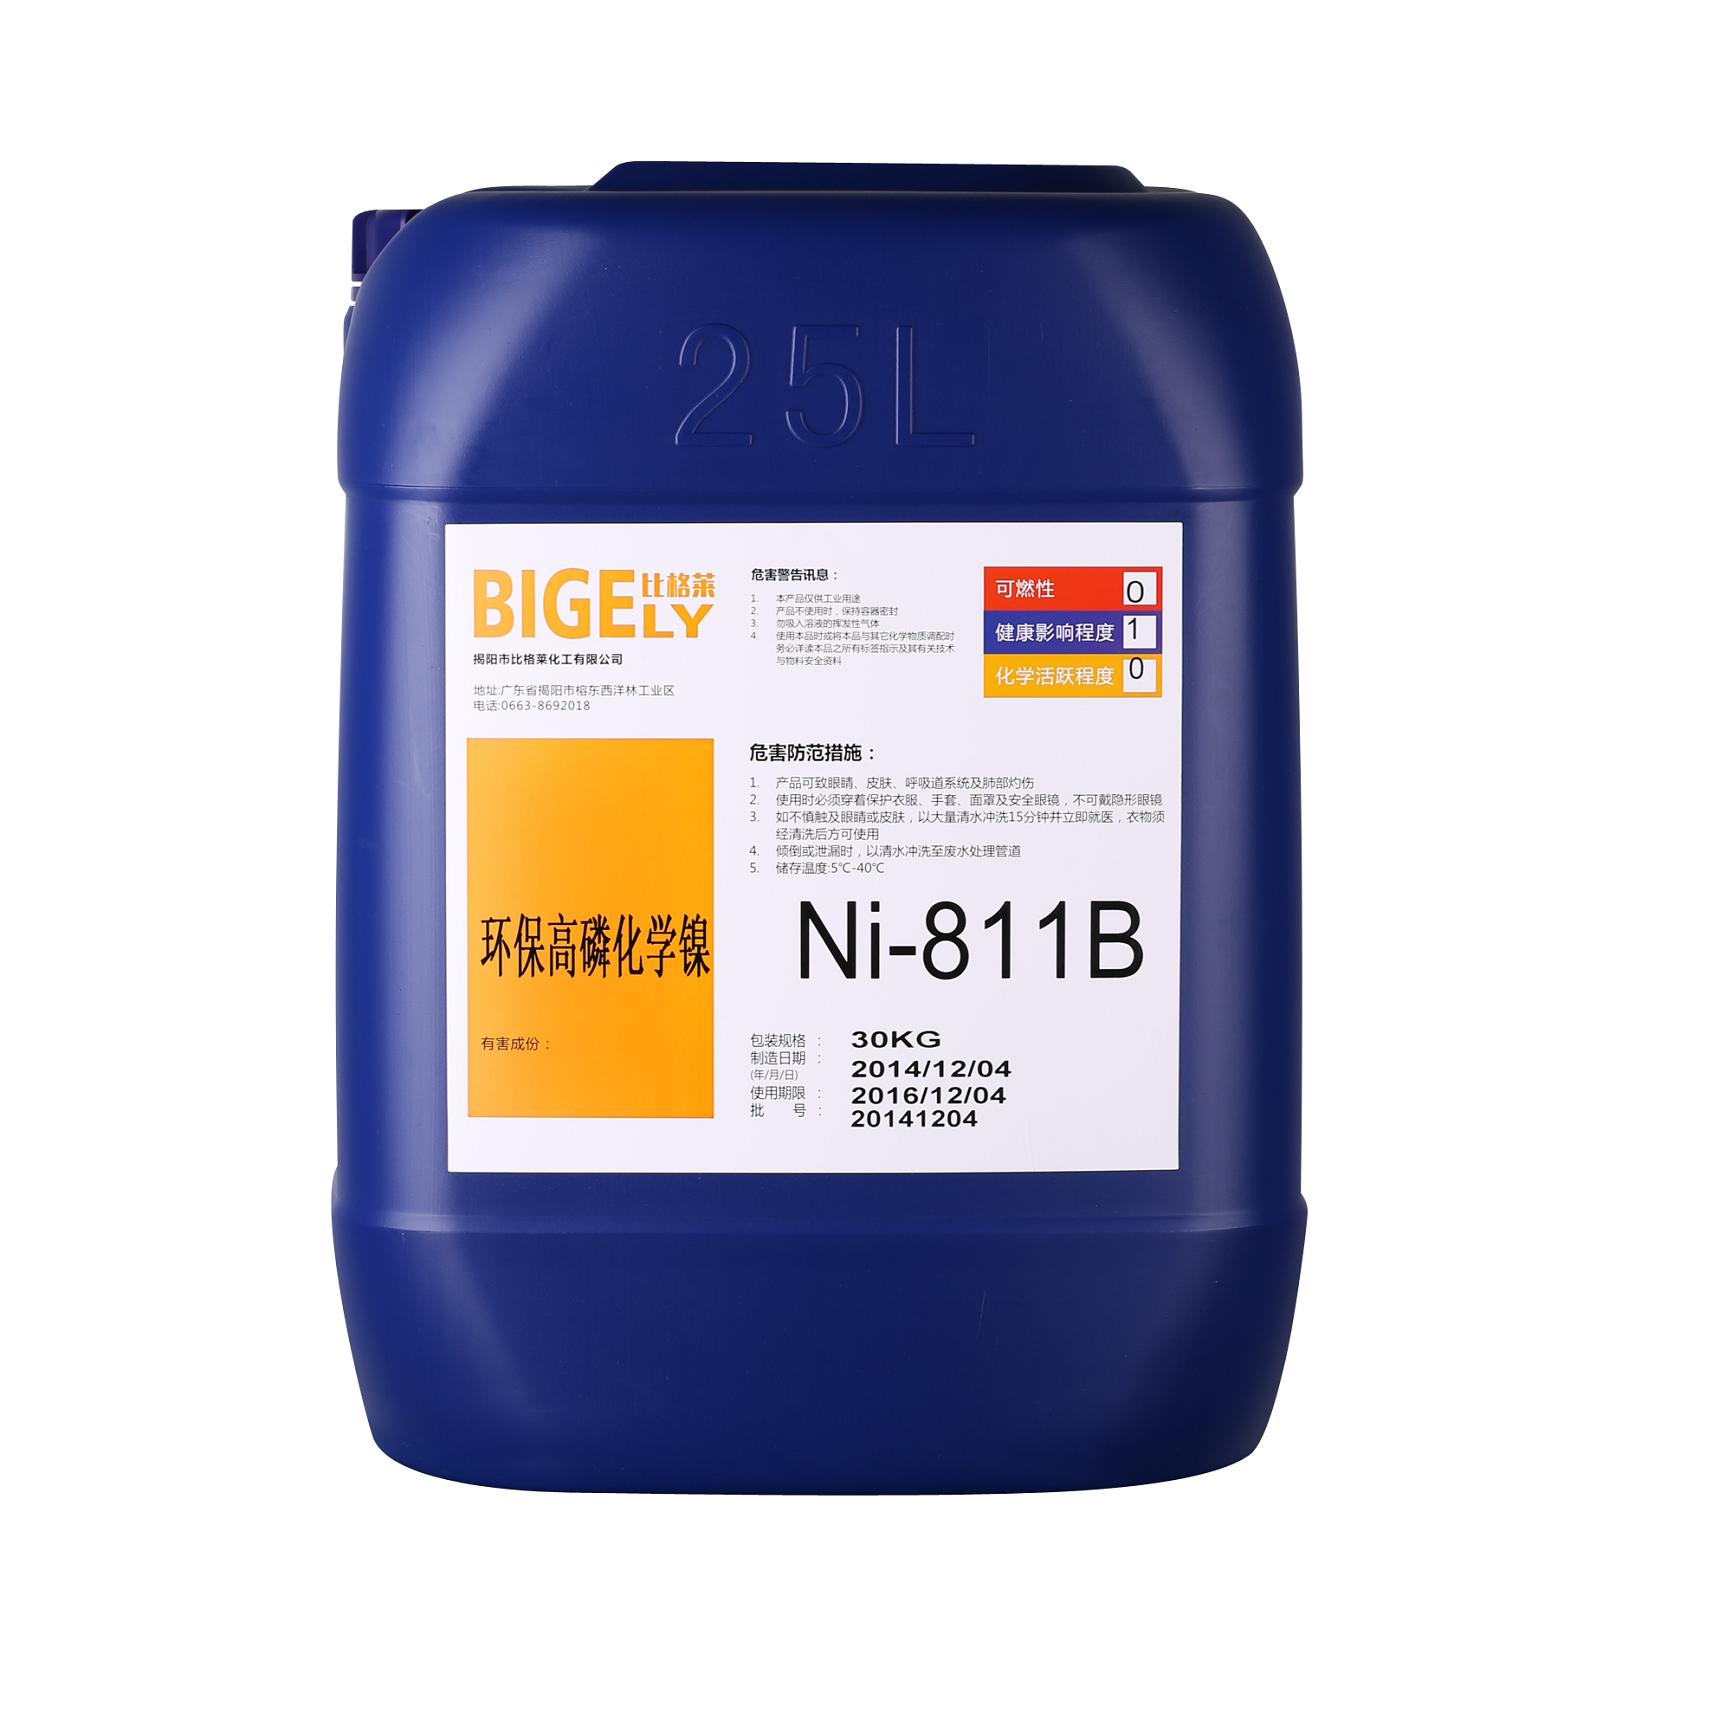 化学镍系列-Ni-811B环保高磷化学镍